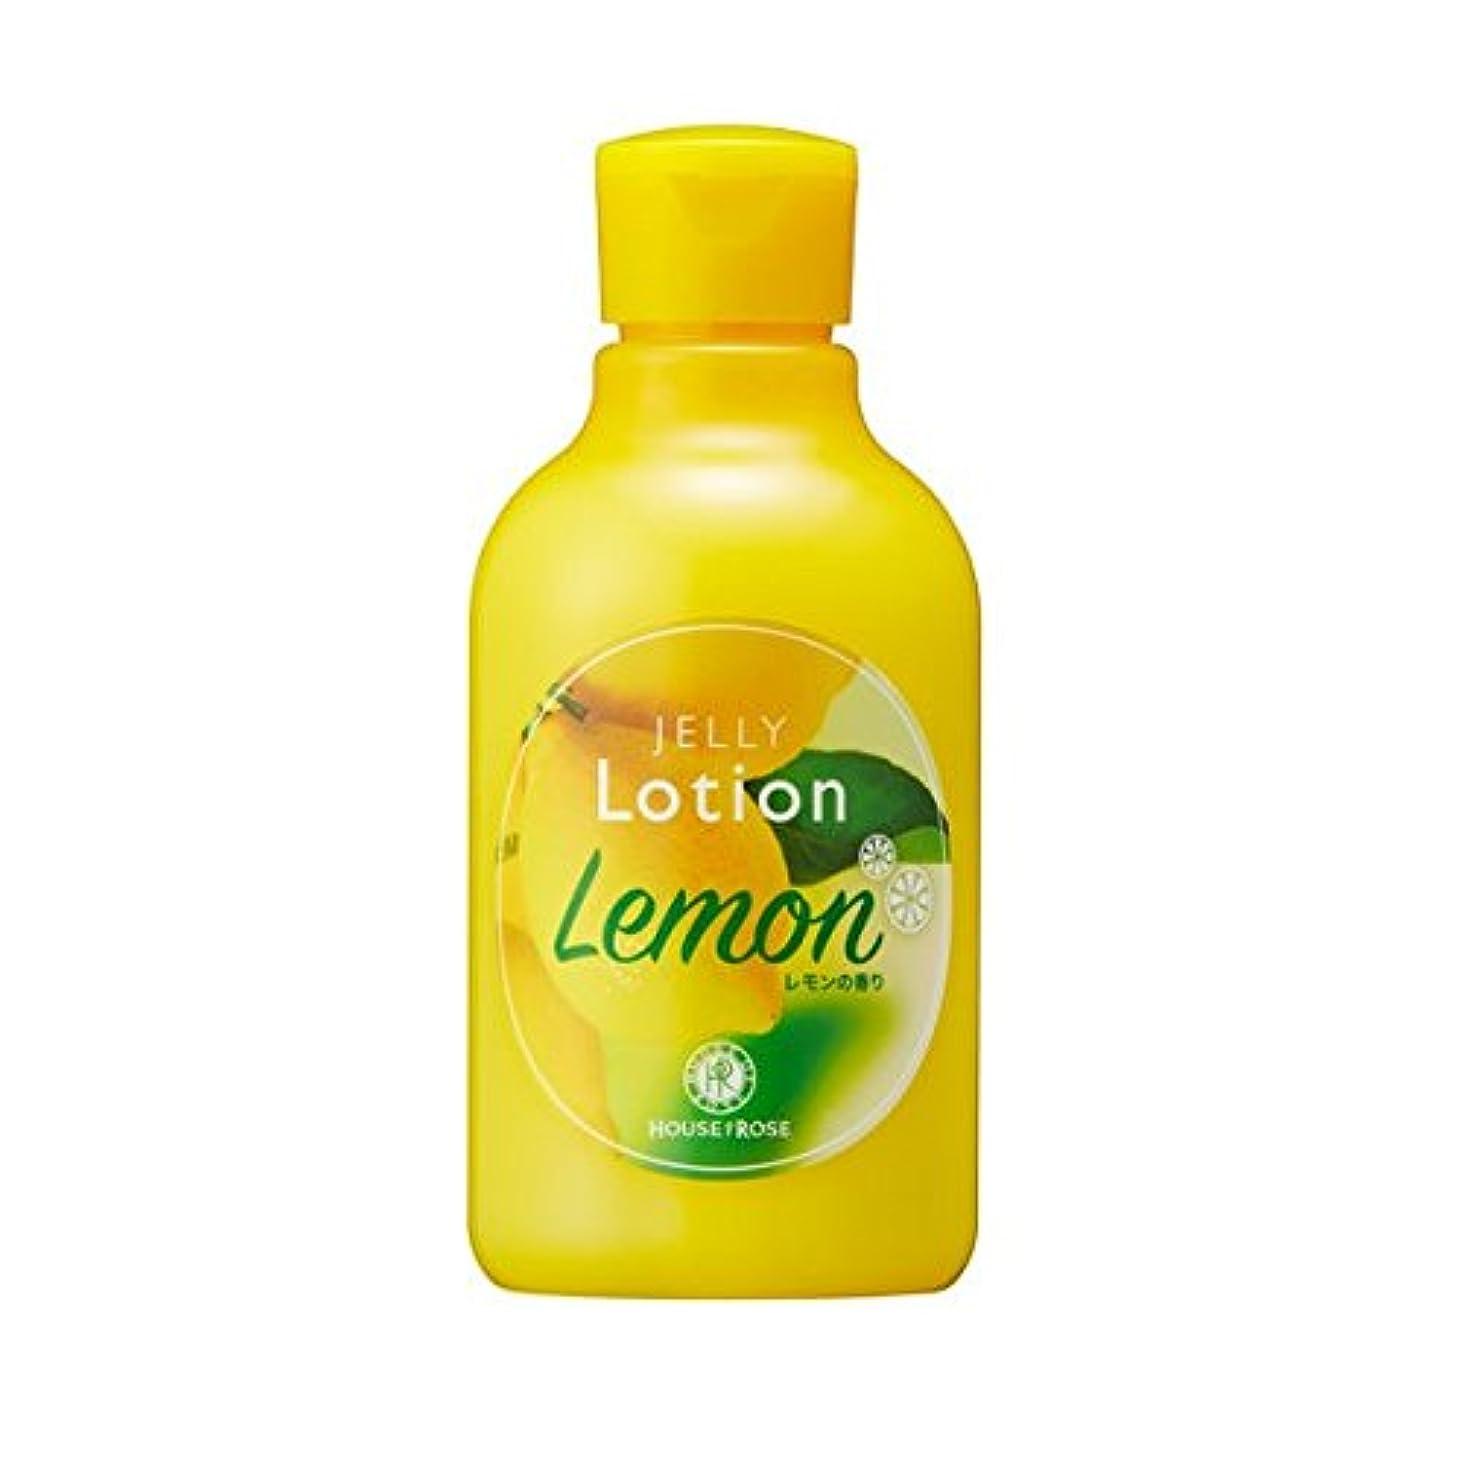 製油所協会恥ずかしさHOUSE OF ROSE(ハウスオブローゼ) ハウスオブローゼ/ジェリーローション LM(レモンの香り)200mL